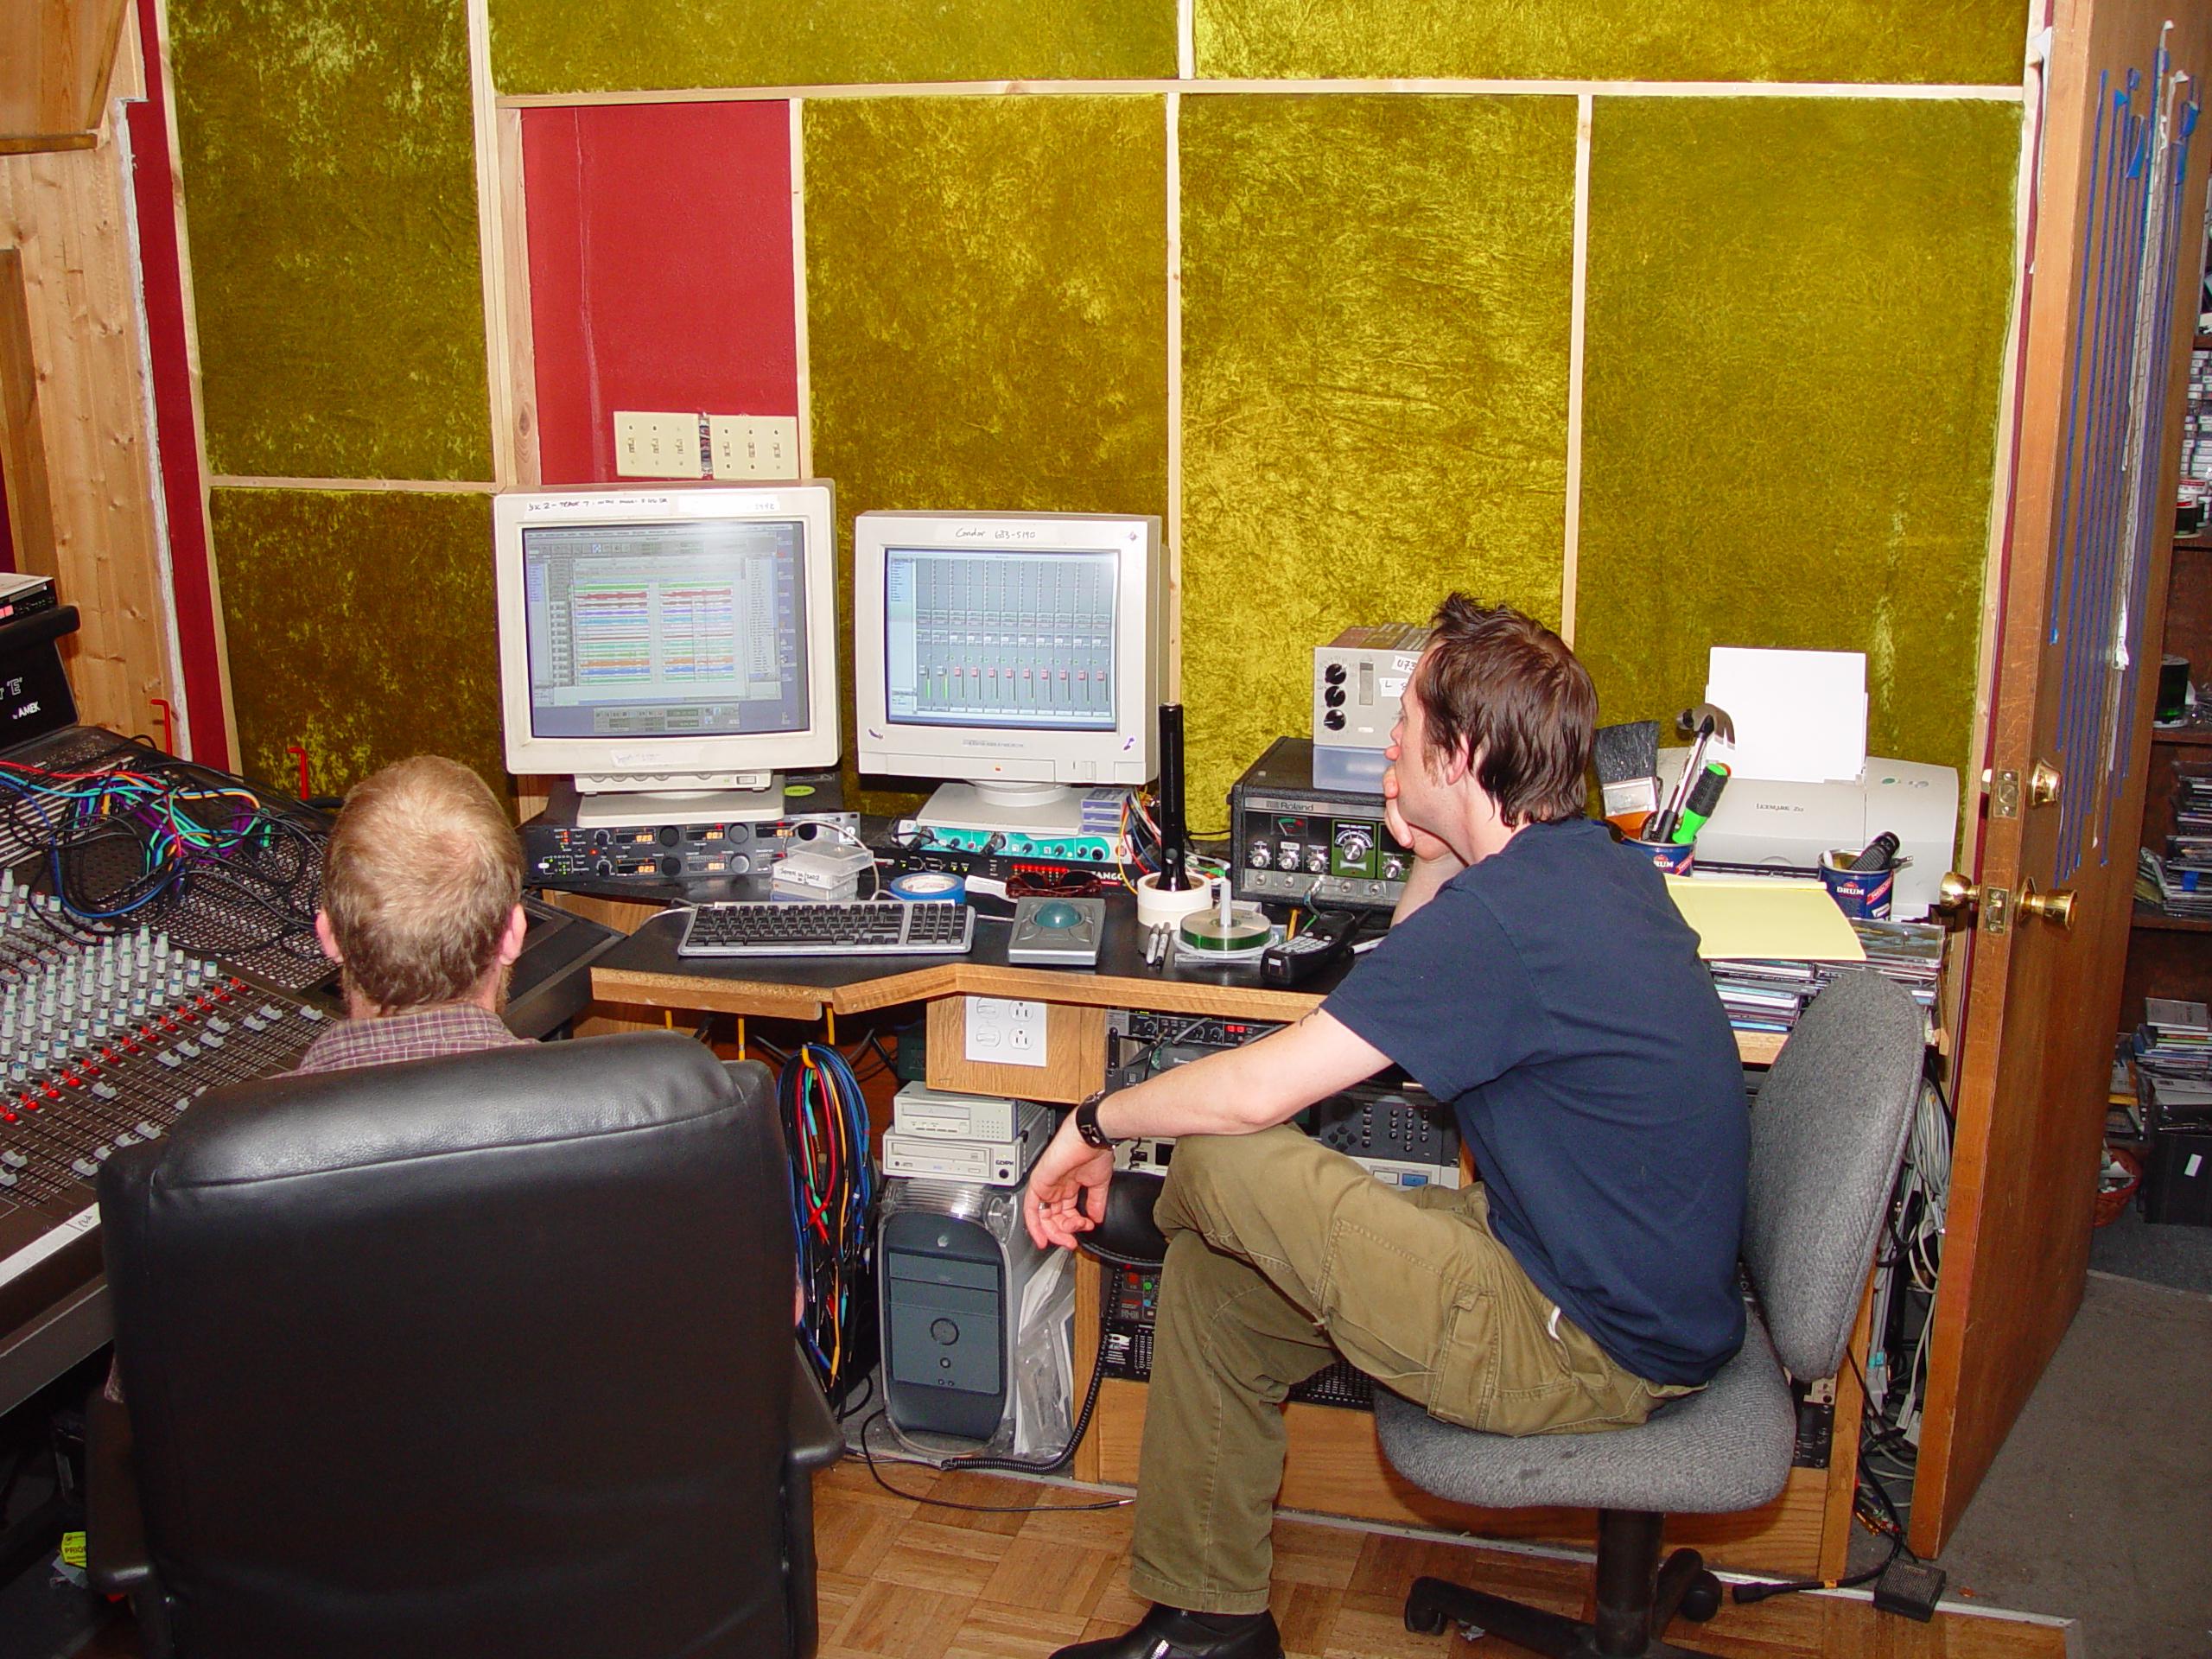 Working hard at Jupiter Studios